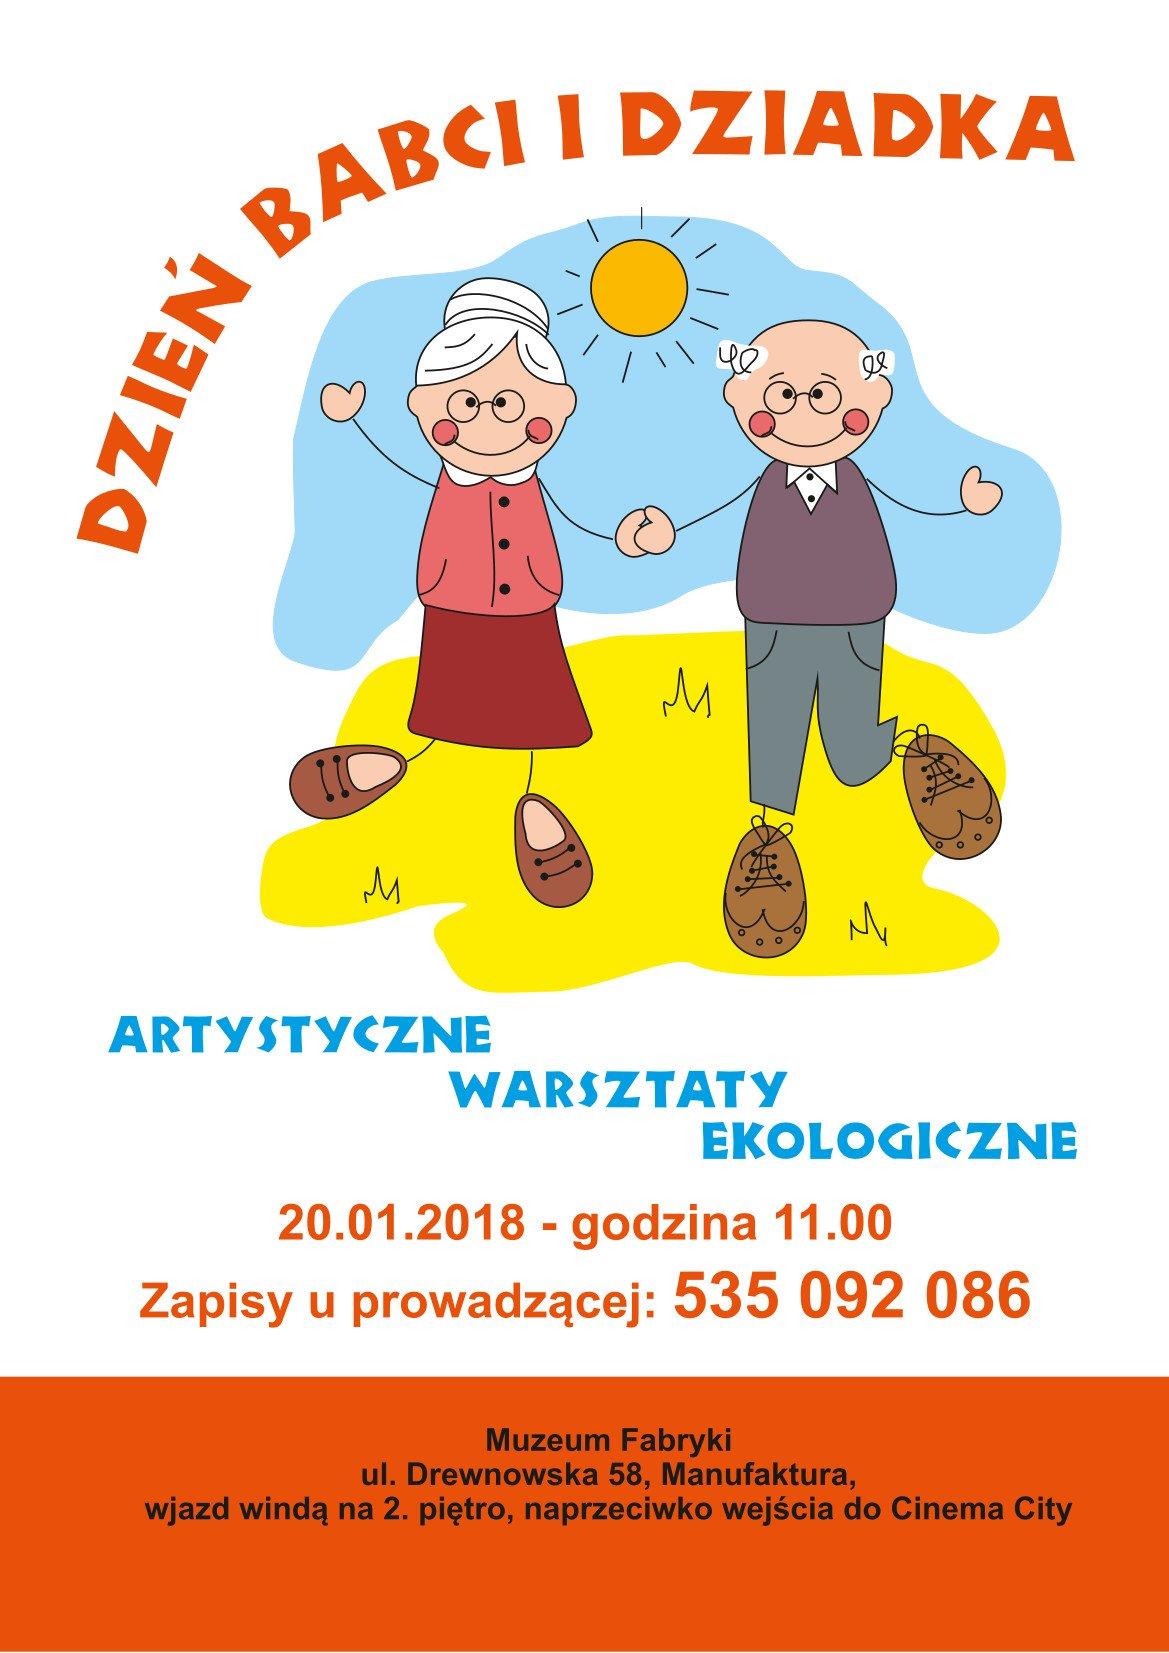 Warsztaty ekologiczne z okazji Dnia Babci i Dziadka w Muzeum Fabryki